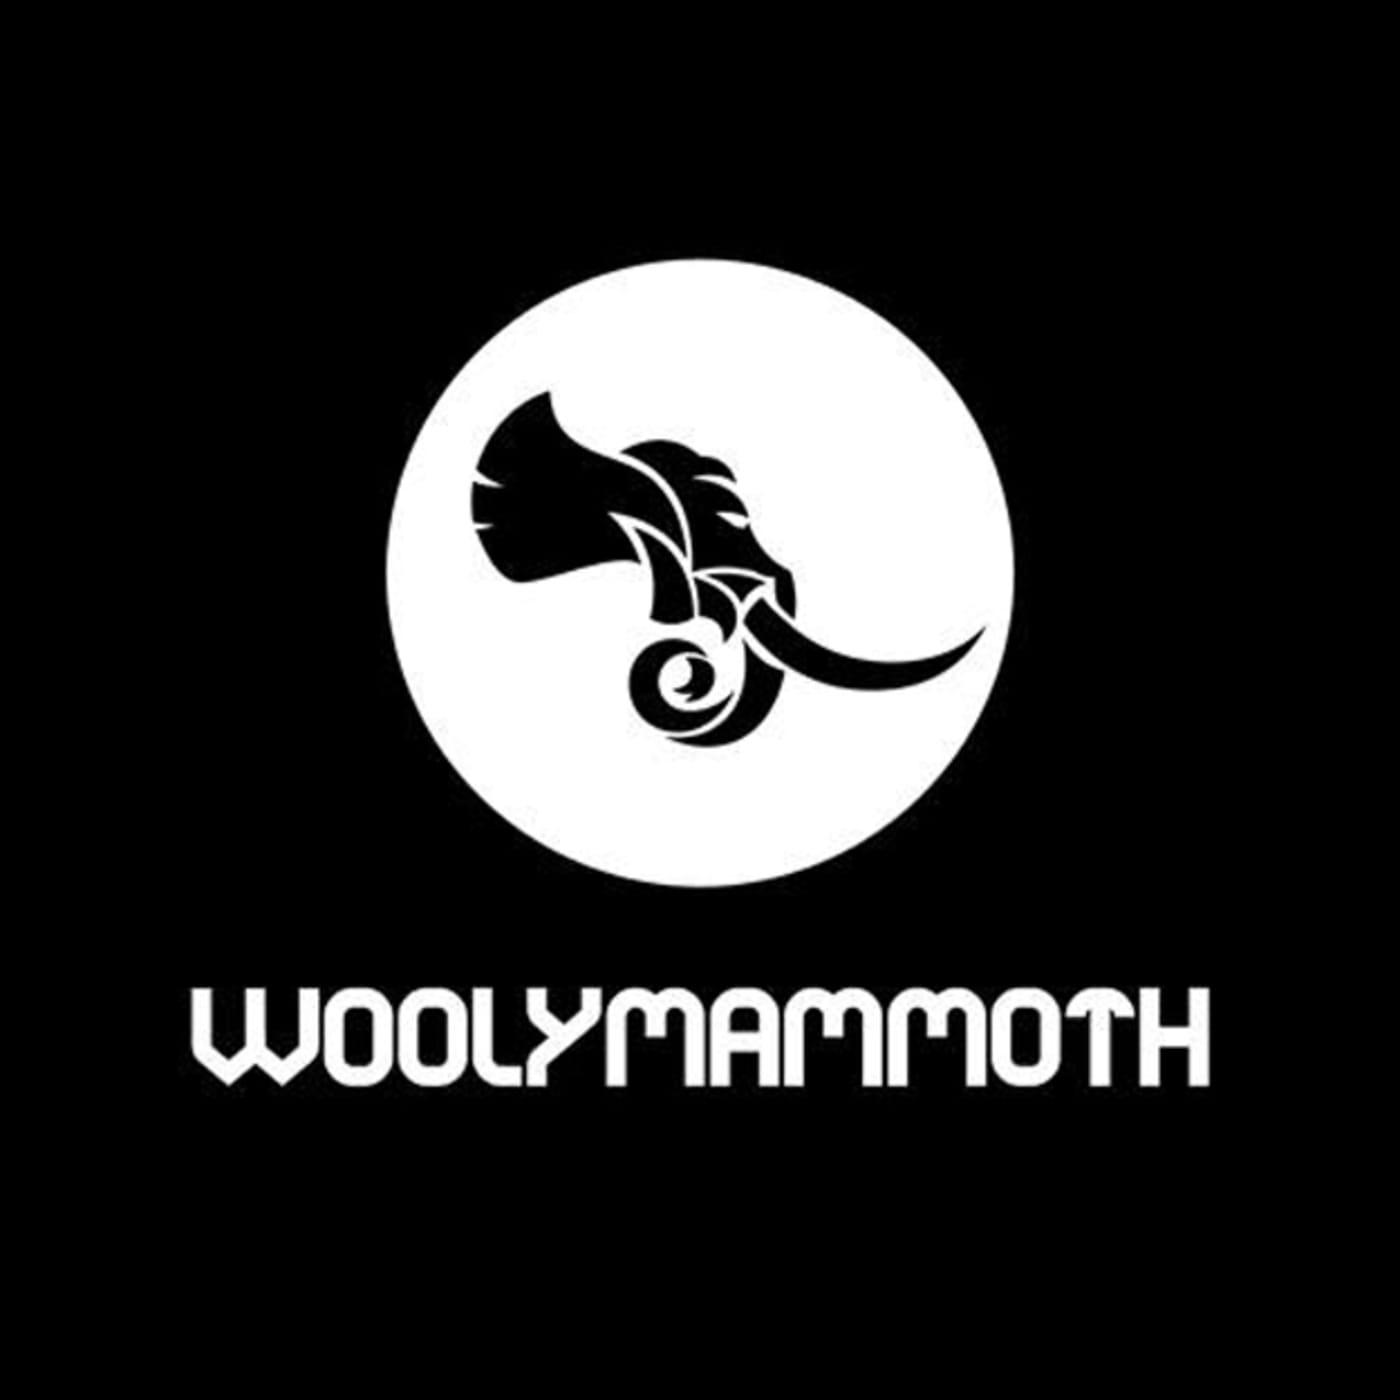 woolymammoth logo